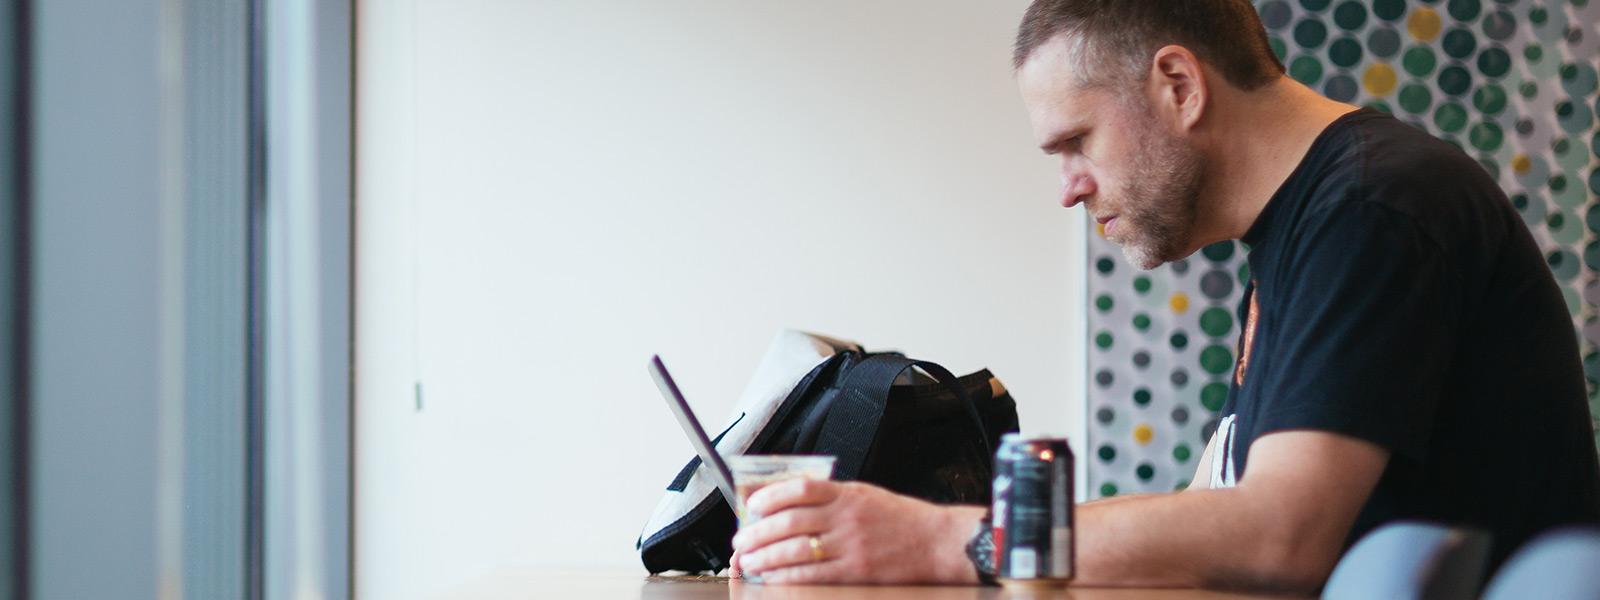 Un uomo seduto a una scrivania lavora con un computer Windows 10